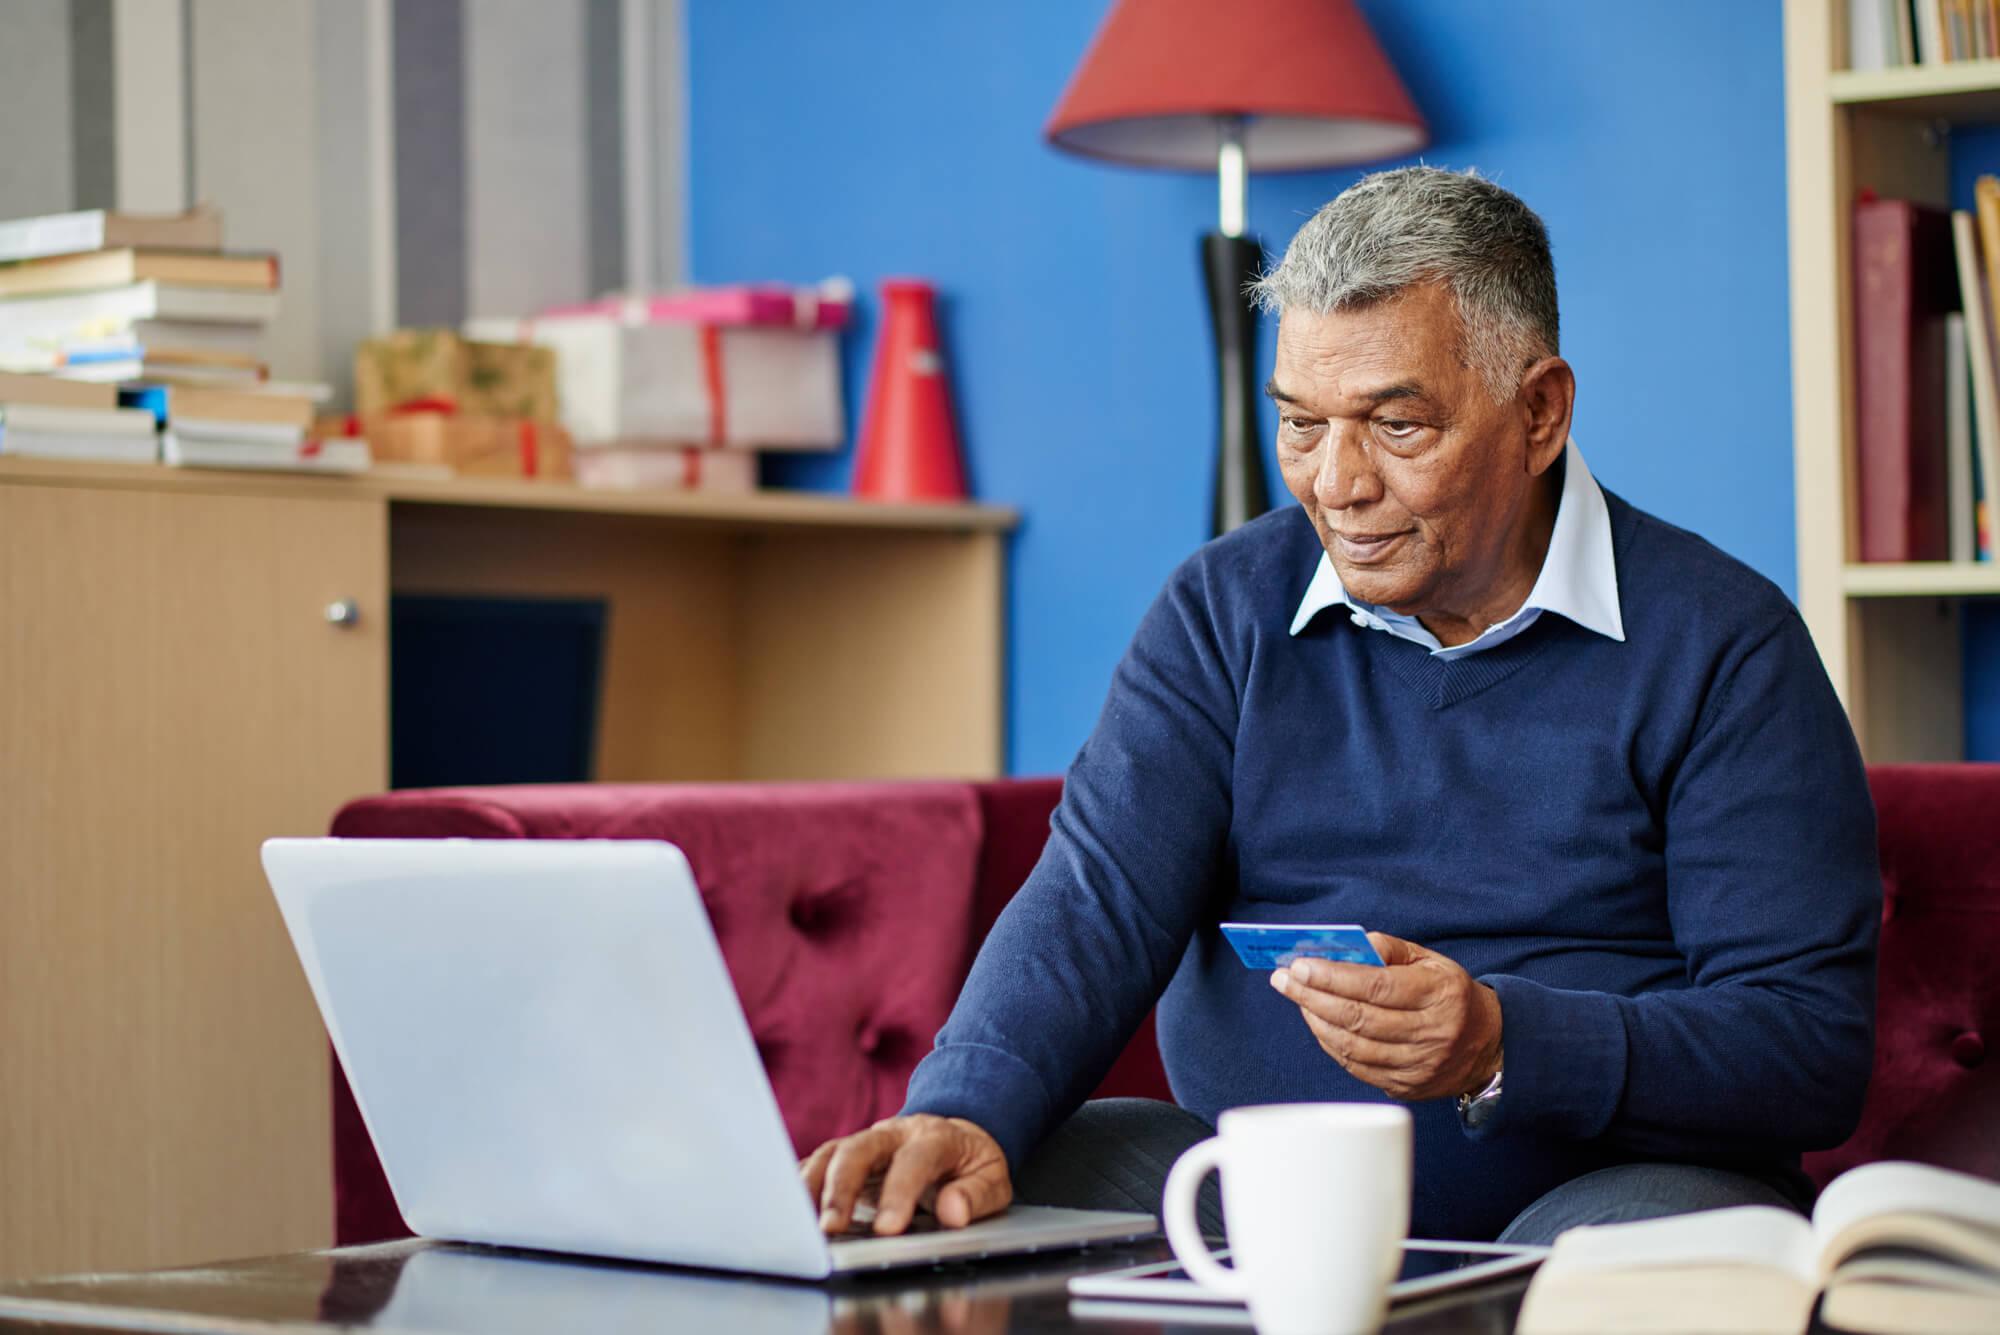 Terceira idade online confira os beneficios